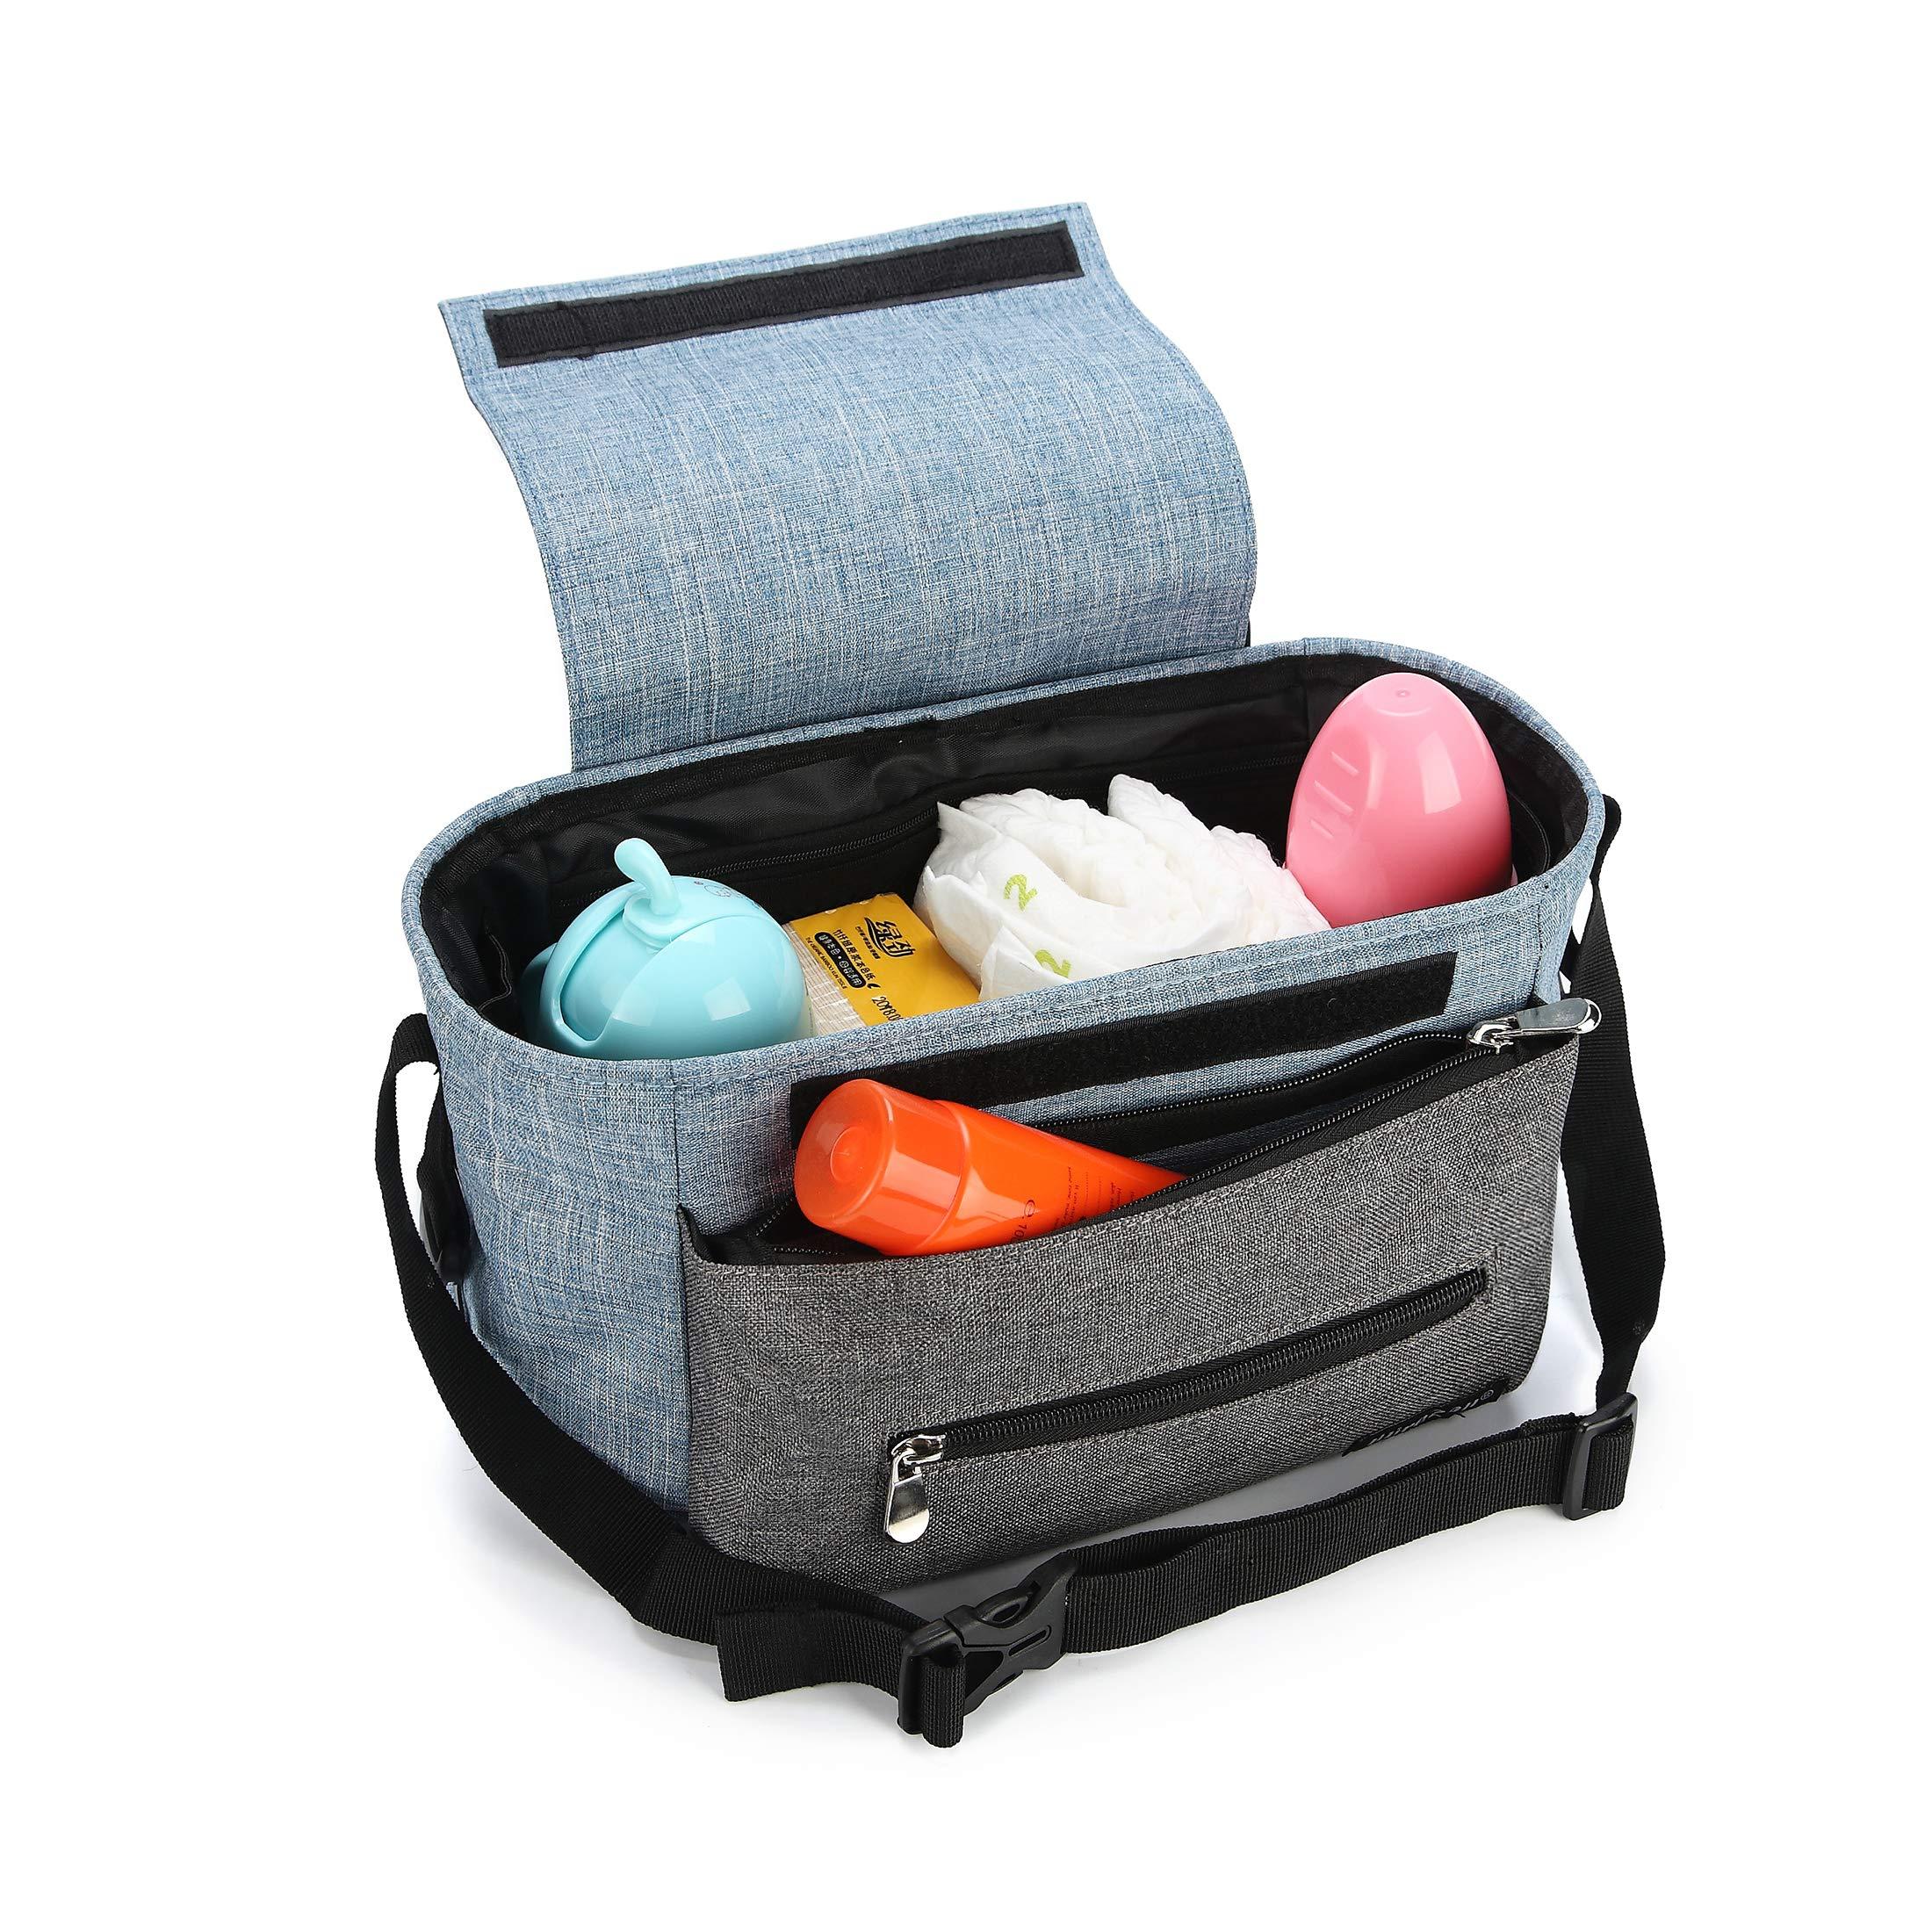 Kinderwagen Organizer, Universale Baby Kinderwagentasche Buggy Tasche mit Stahlring und verstellbaren Bändern (Blau) product image